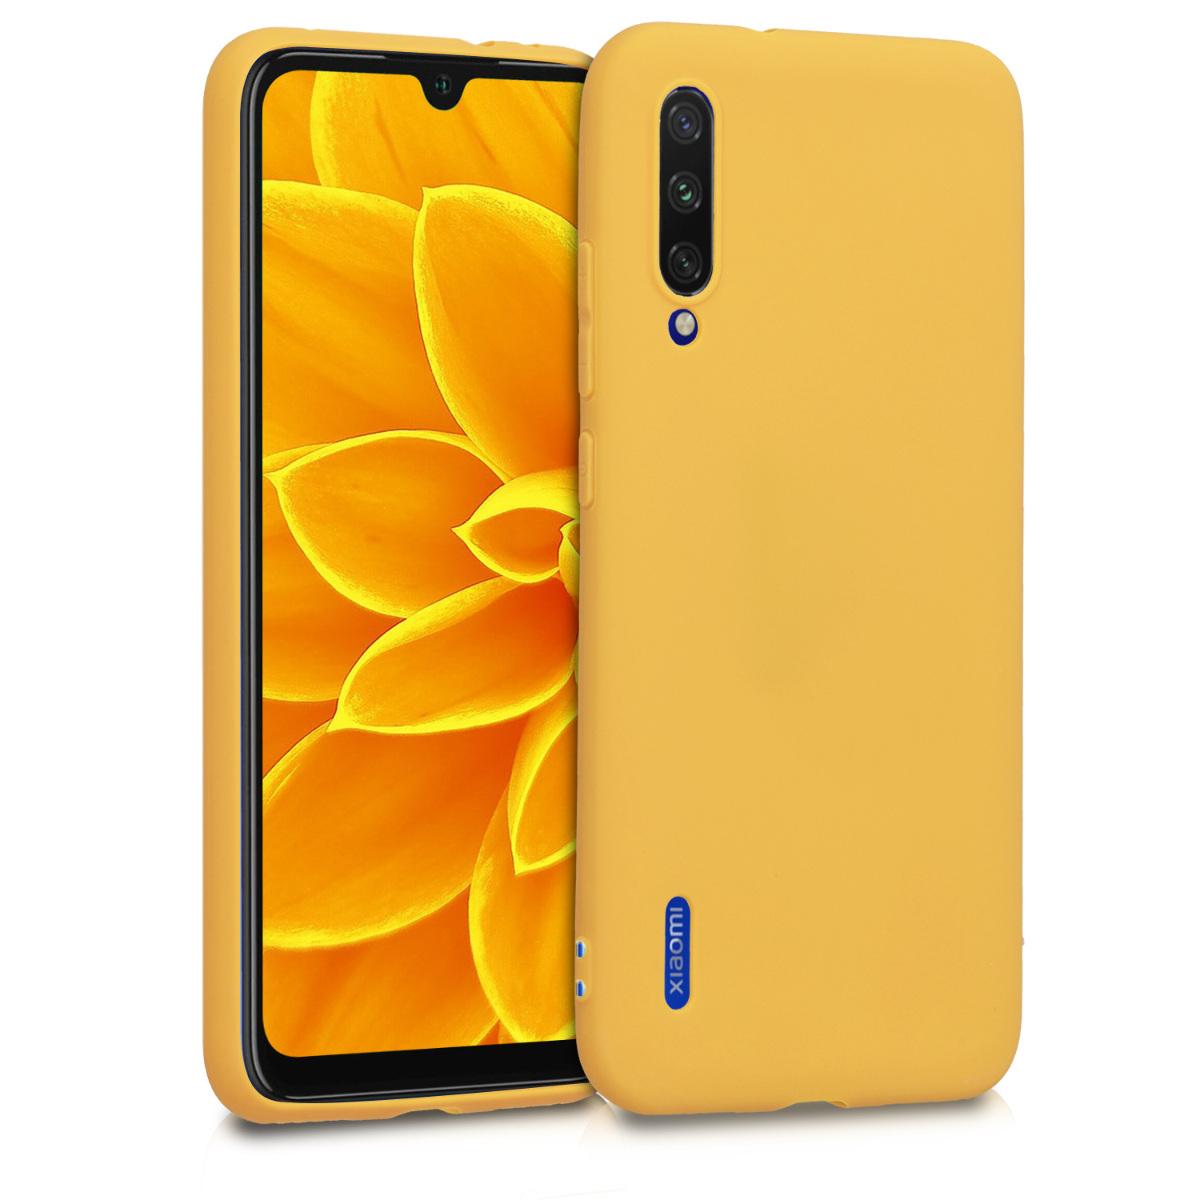 KW Θήκη Σιλικόνης Xiaomi Mi A3  - Honey Yellow (49674.143)